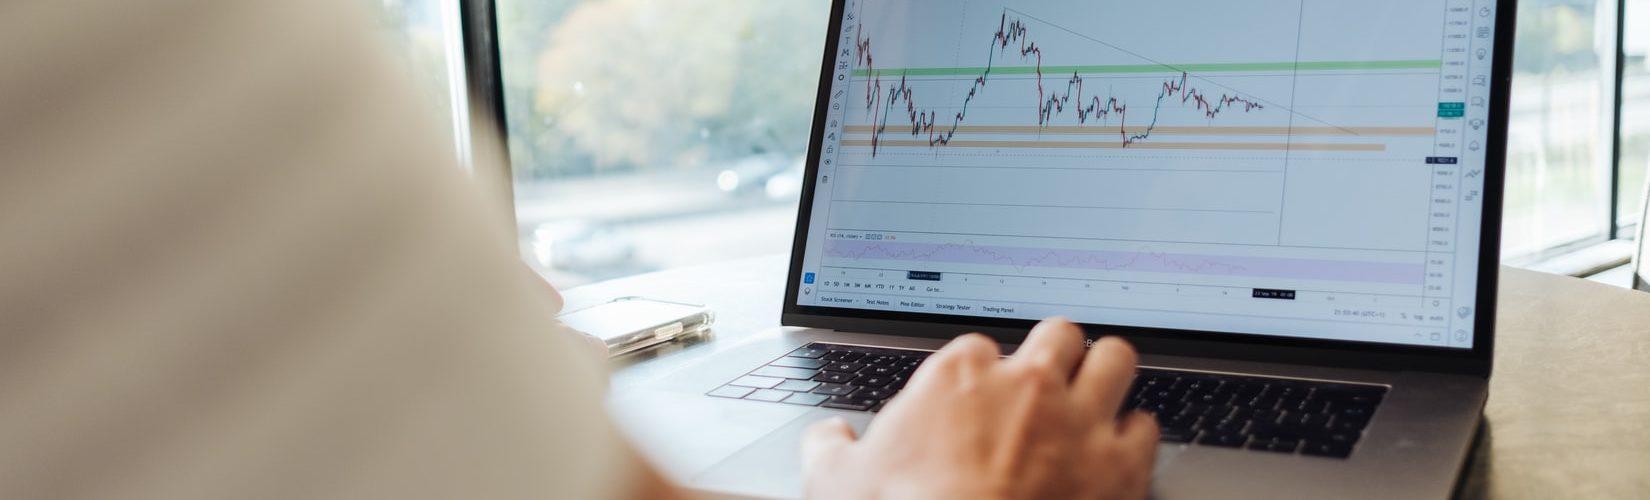 beurs-aandelen-vermogen